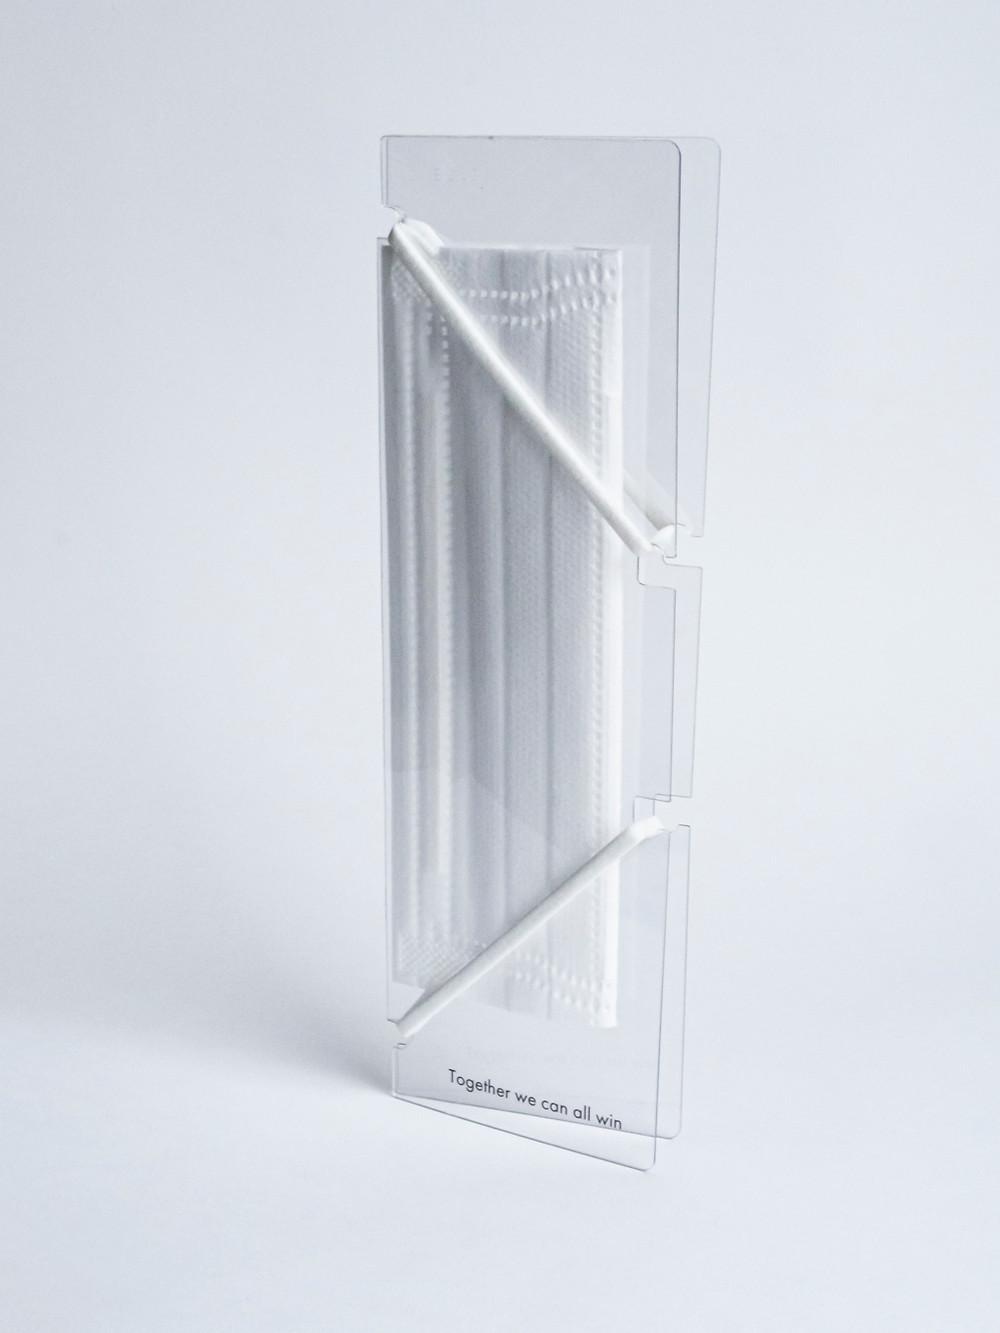 マスクホルダー(ロゴ入イメージ)の縦置き写真